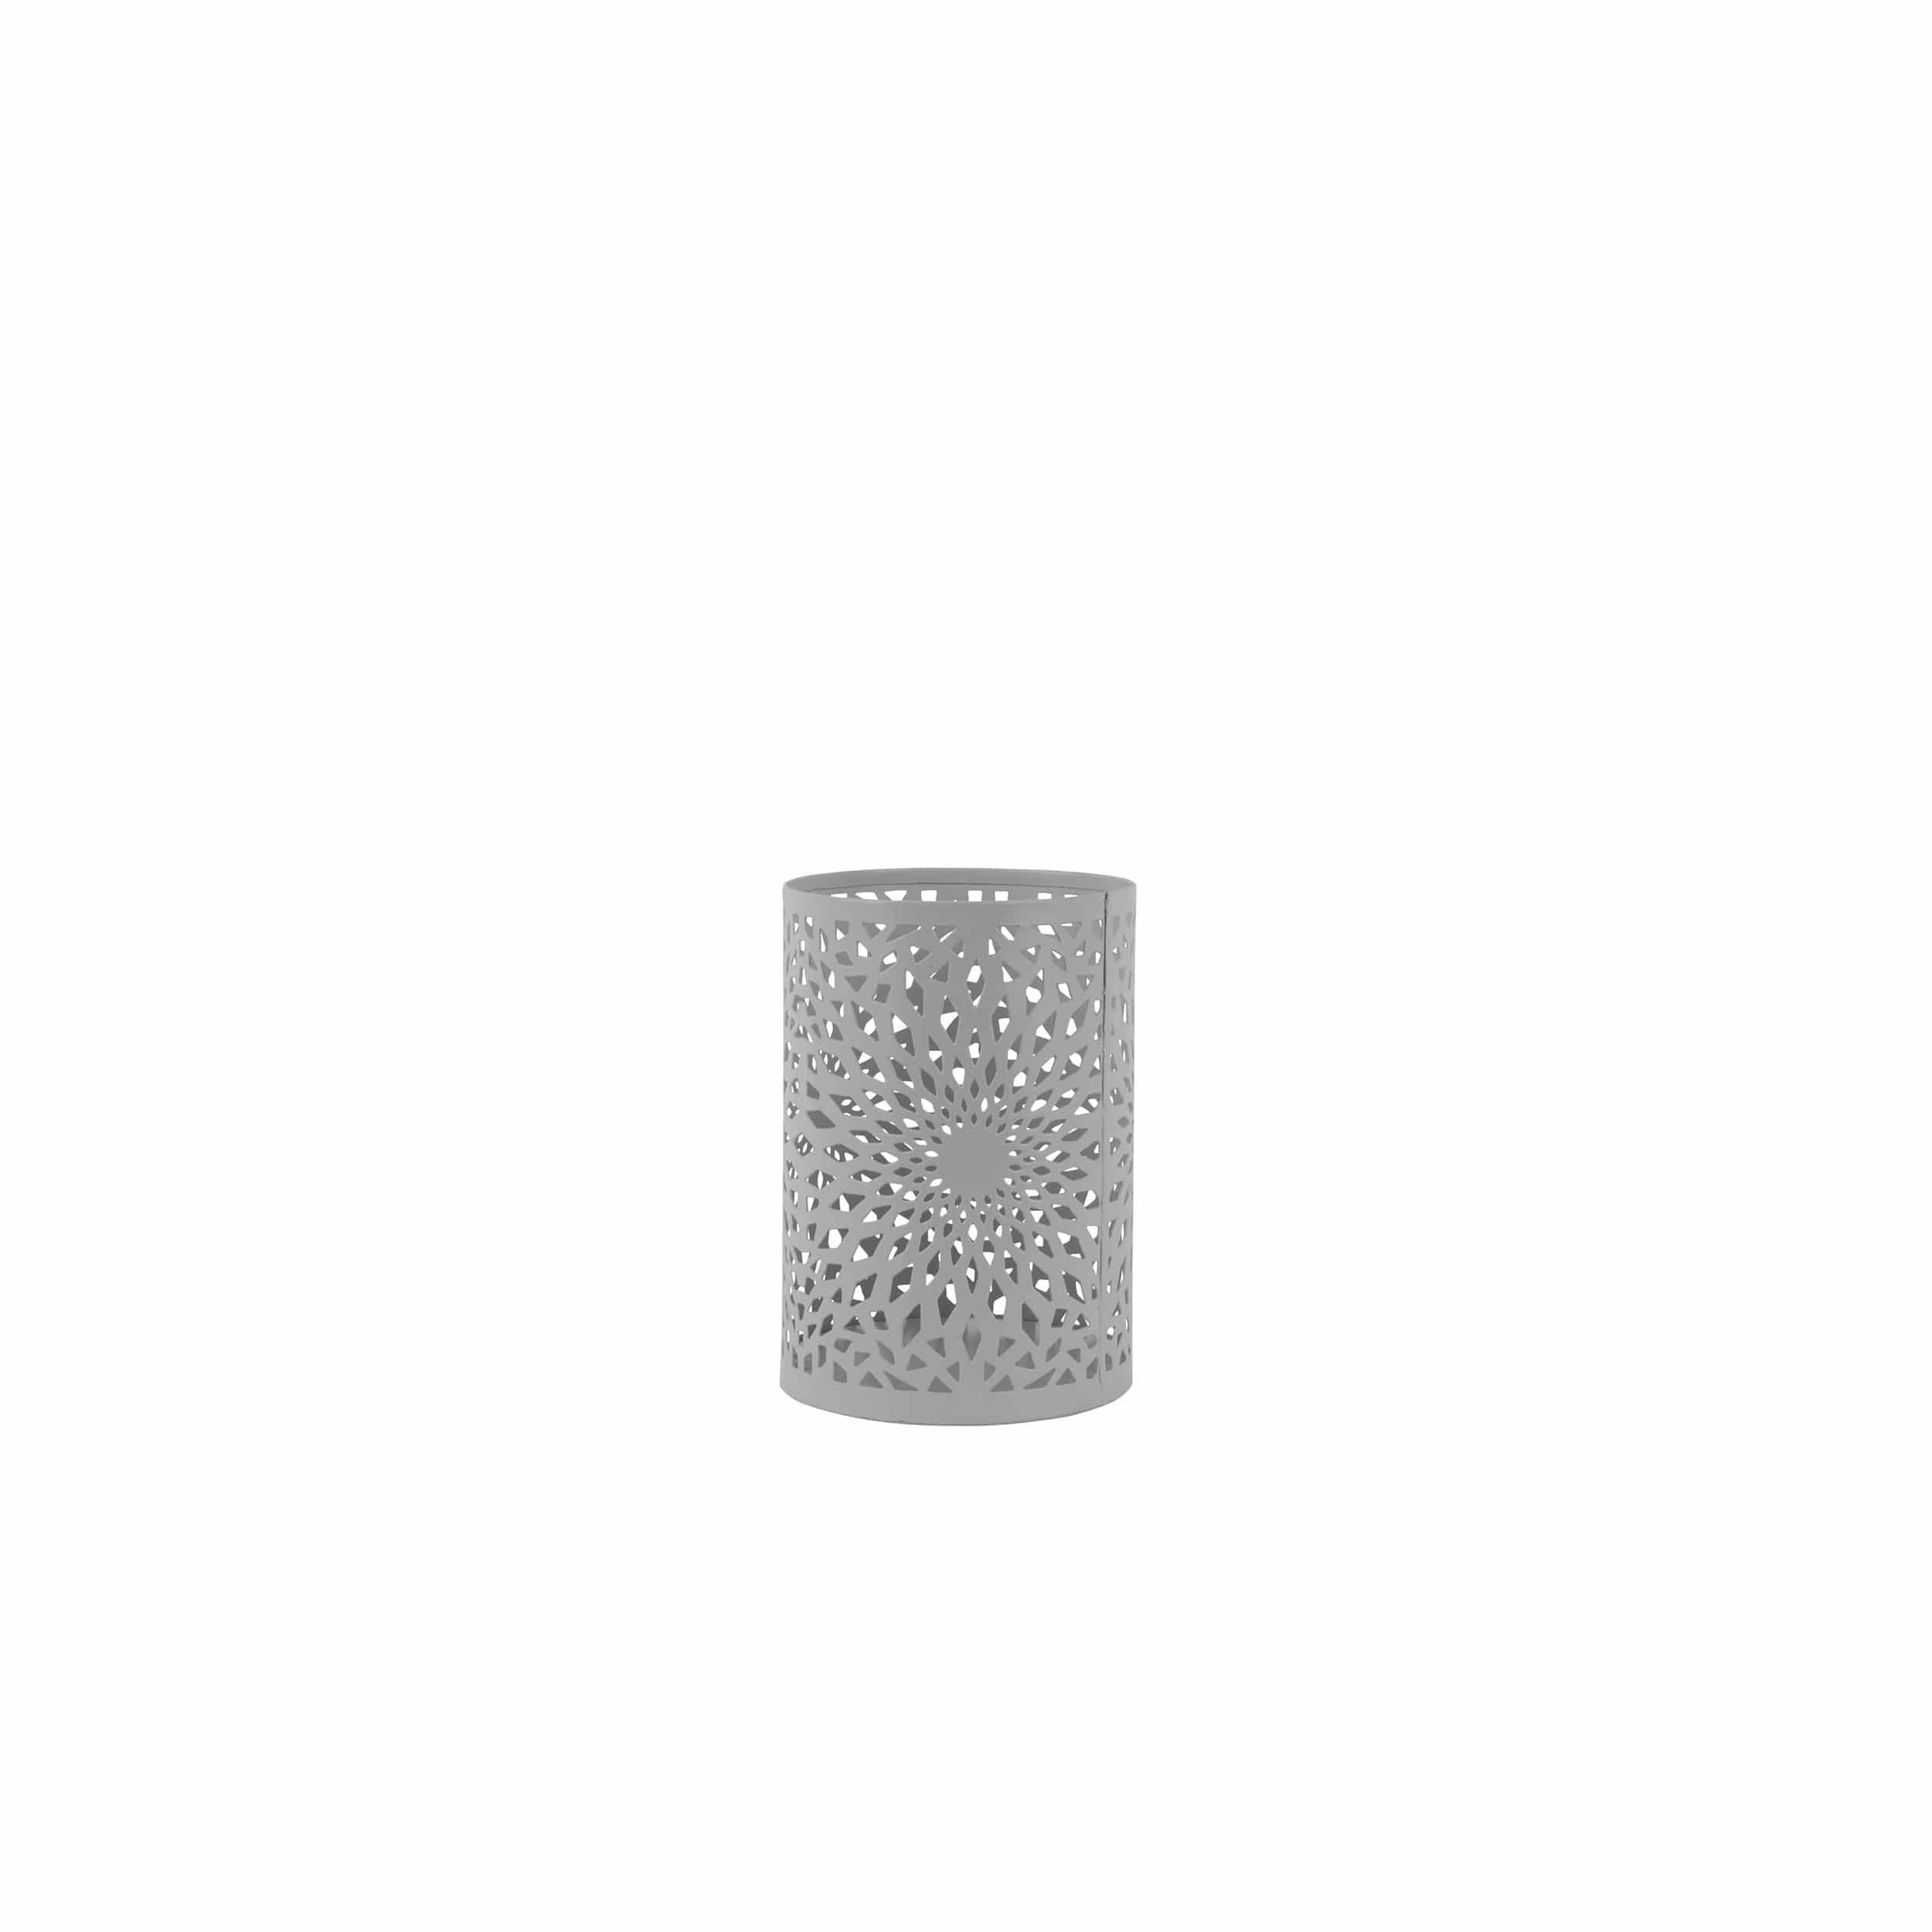 Windlicht aus Eisen H15 cm grau